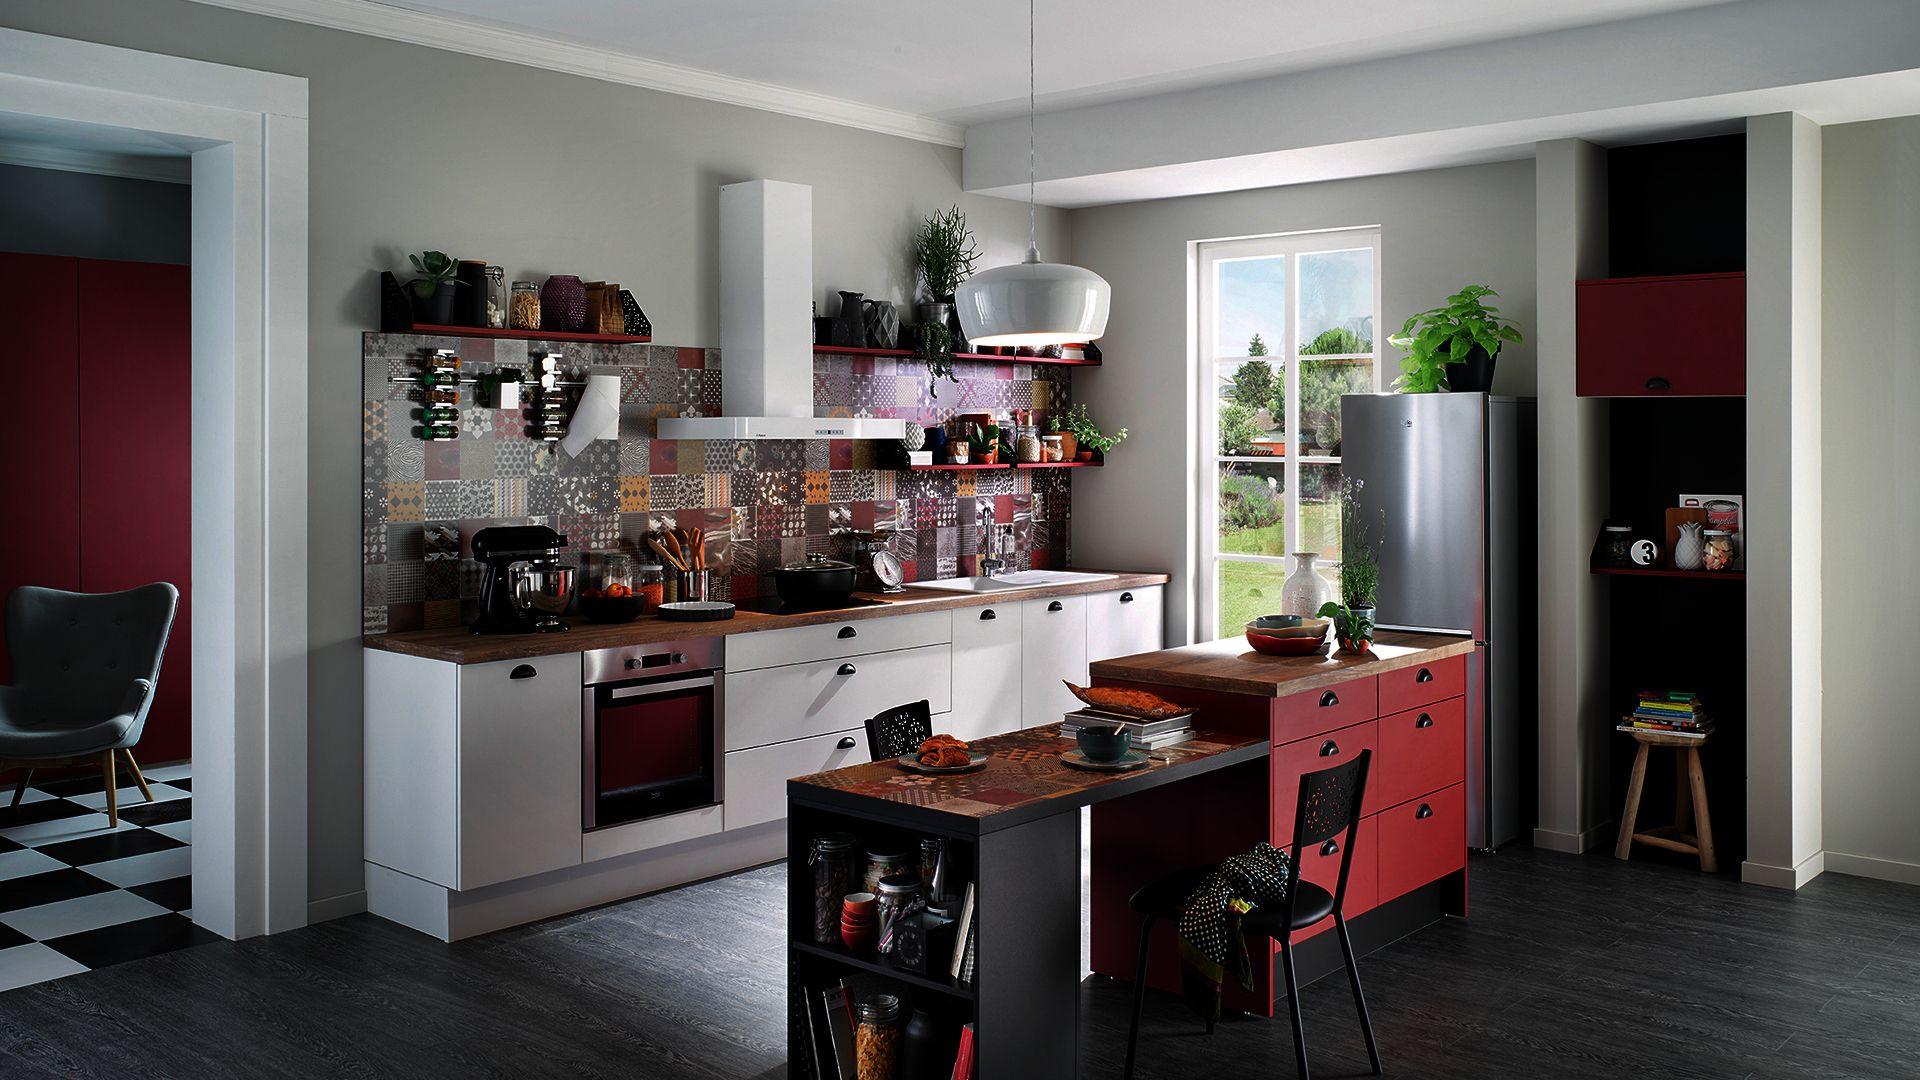 Cuisine Equipee Vega Prem 39 S Style Design Blanc